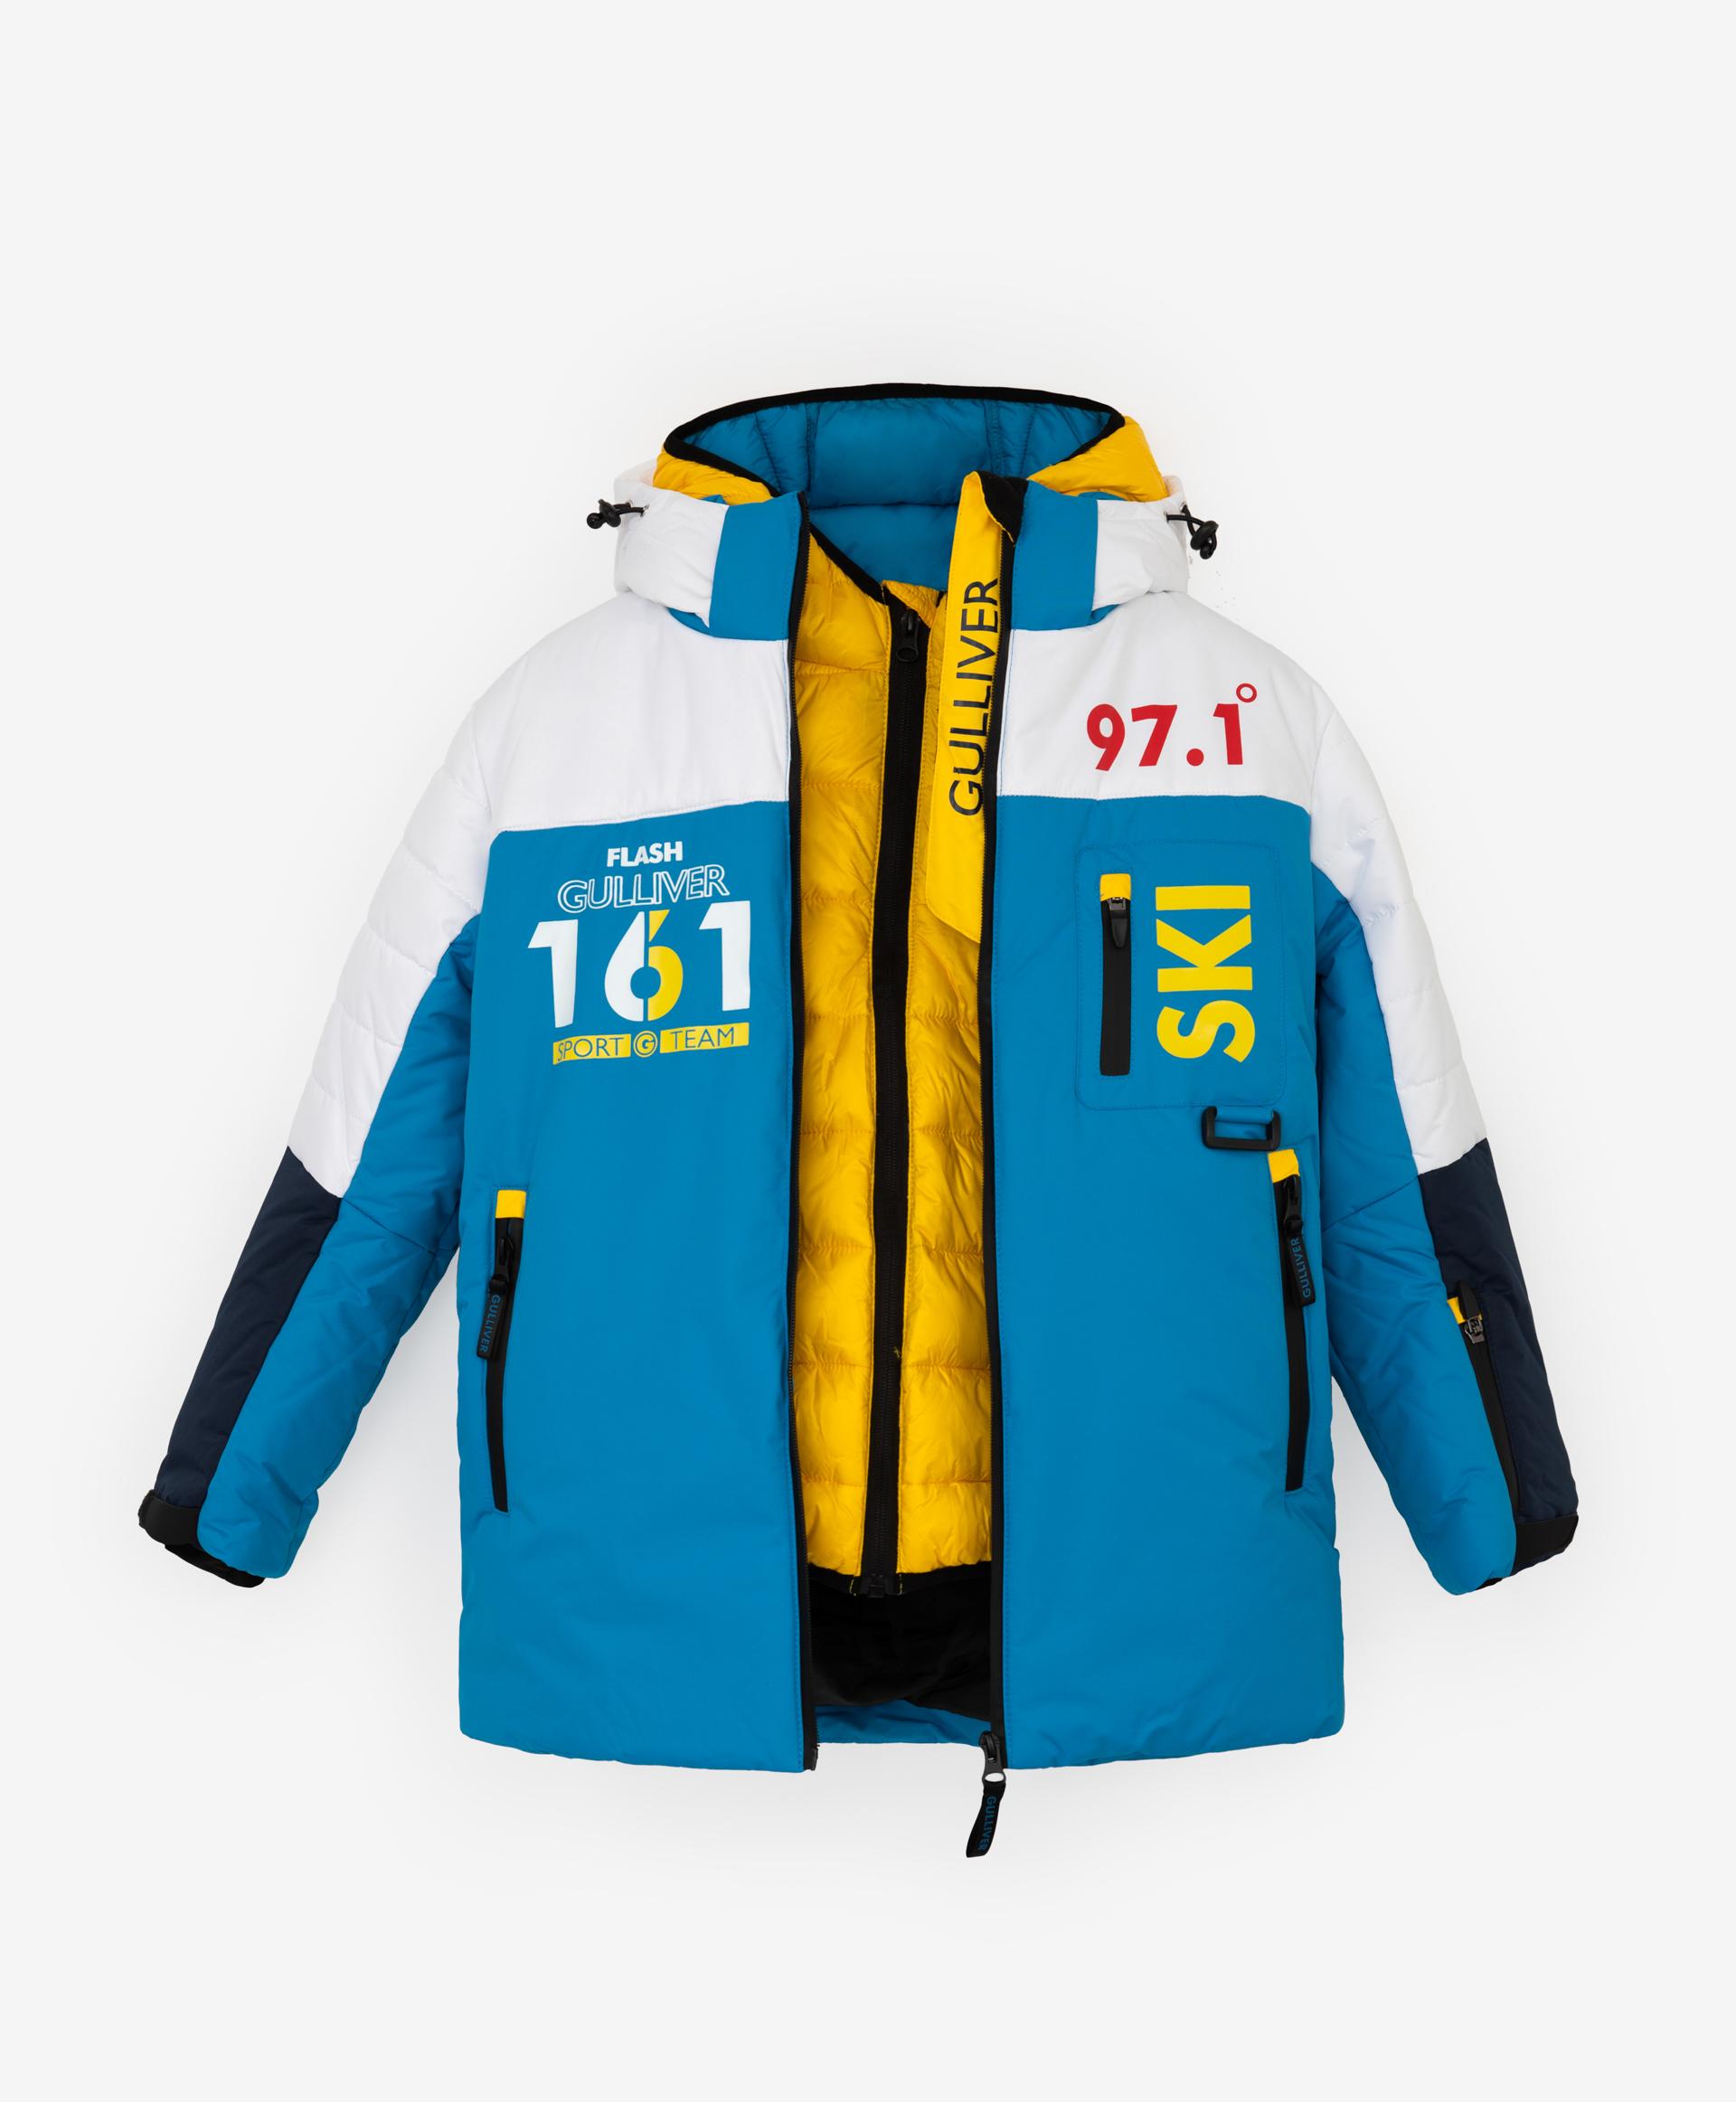 Купить 220FBC4102, Комплект: куртка верхняя и куртка нижняя Gulliver, мультицвет, 128, Полиэстер, Мужской, Зима, ОСЕНЬ/ЗИМА 2021-2022 (shop: GulliverMarket Gulliver Market)